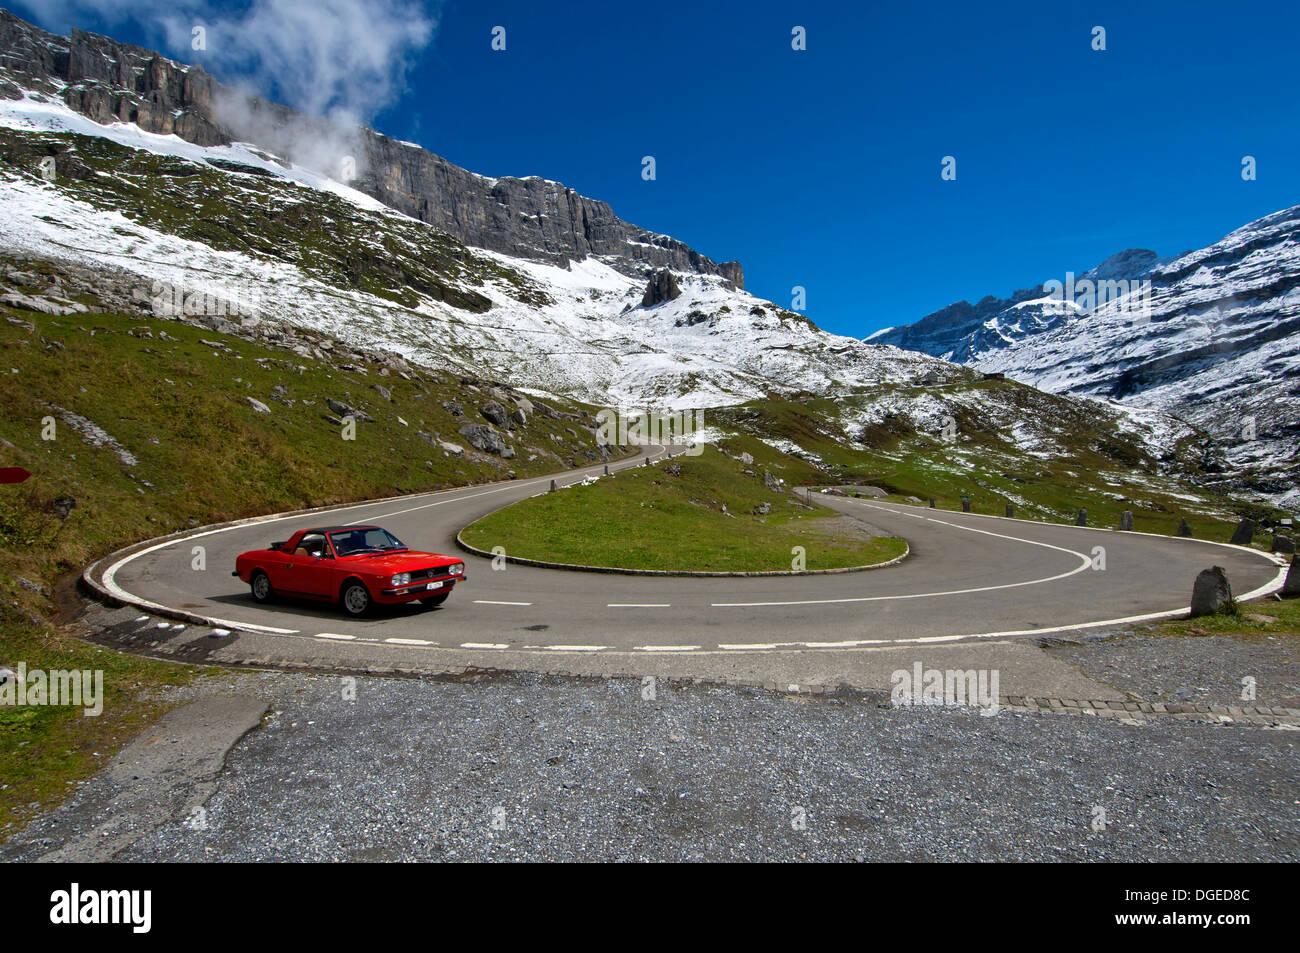 driv road Car piss